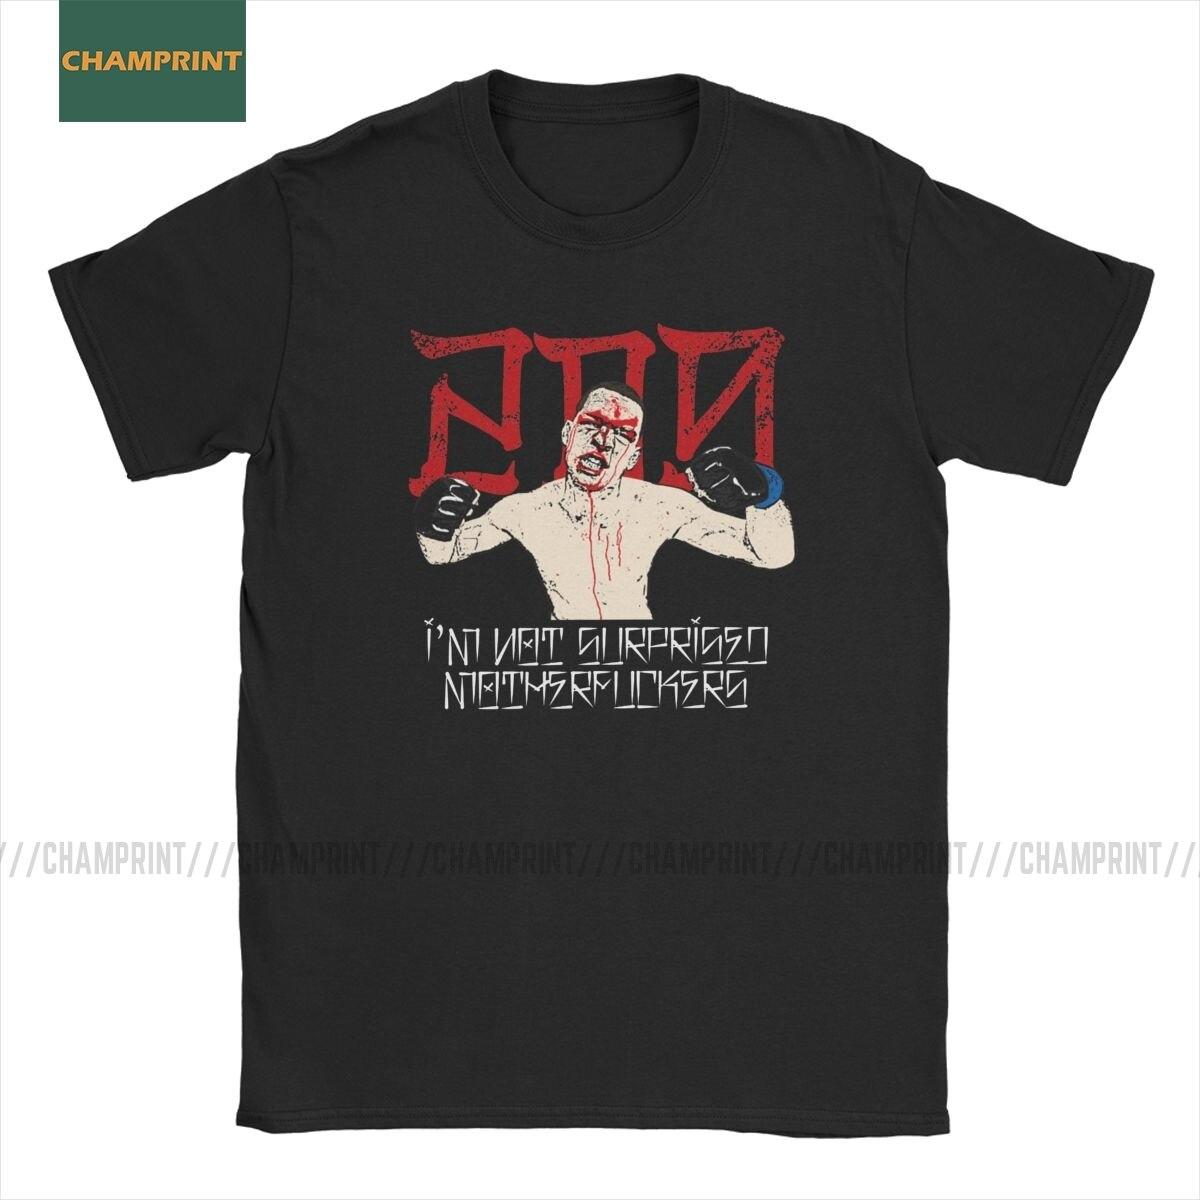 Hombres camiseta no me sorprende Nate Diaz camisetas de algodón de manga corta MMA deporte Stockton hermanos boxeo T camisas Tops de cuello redondo